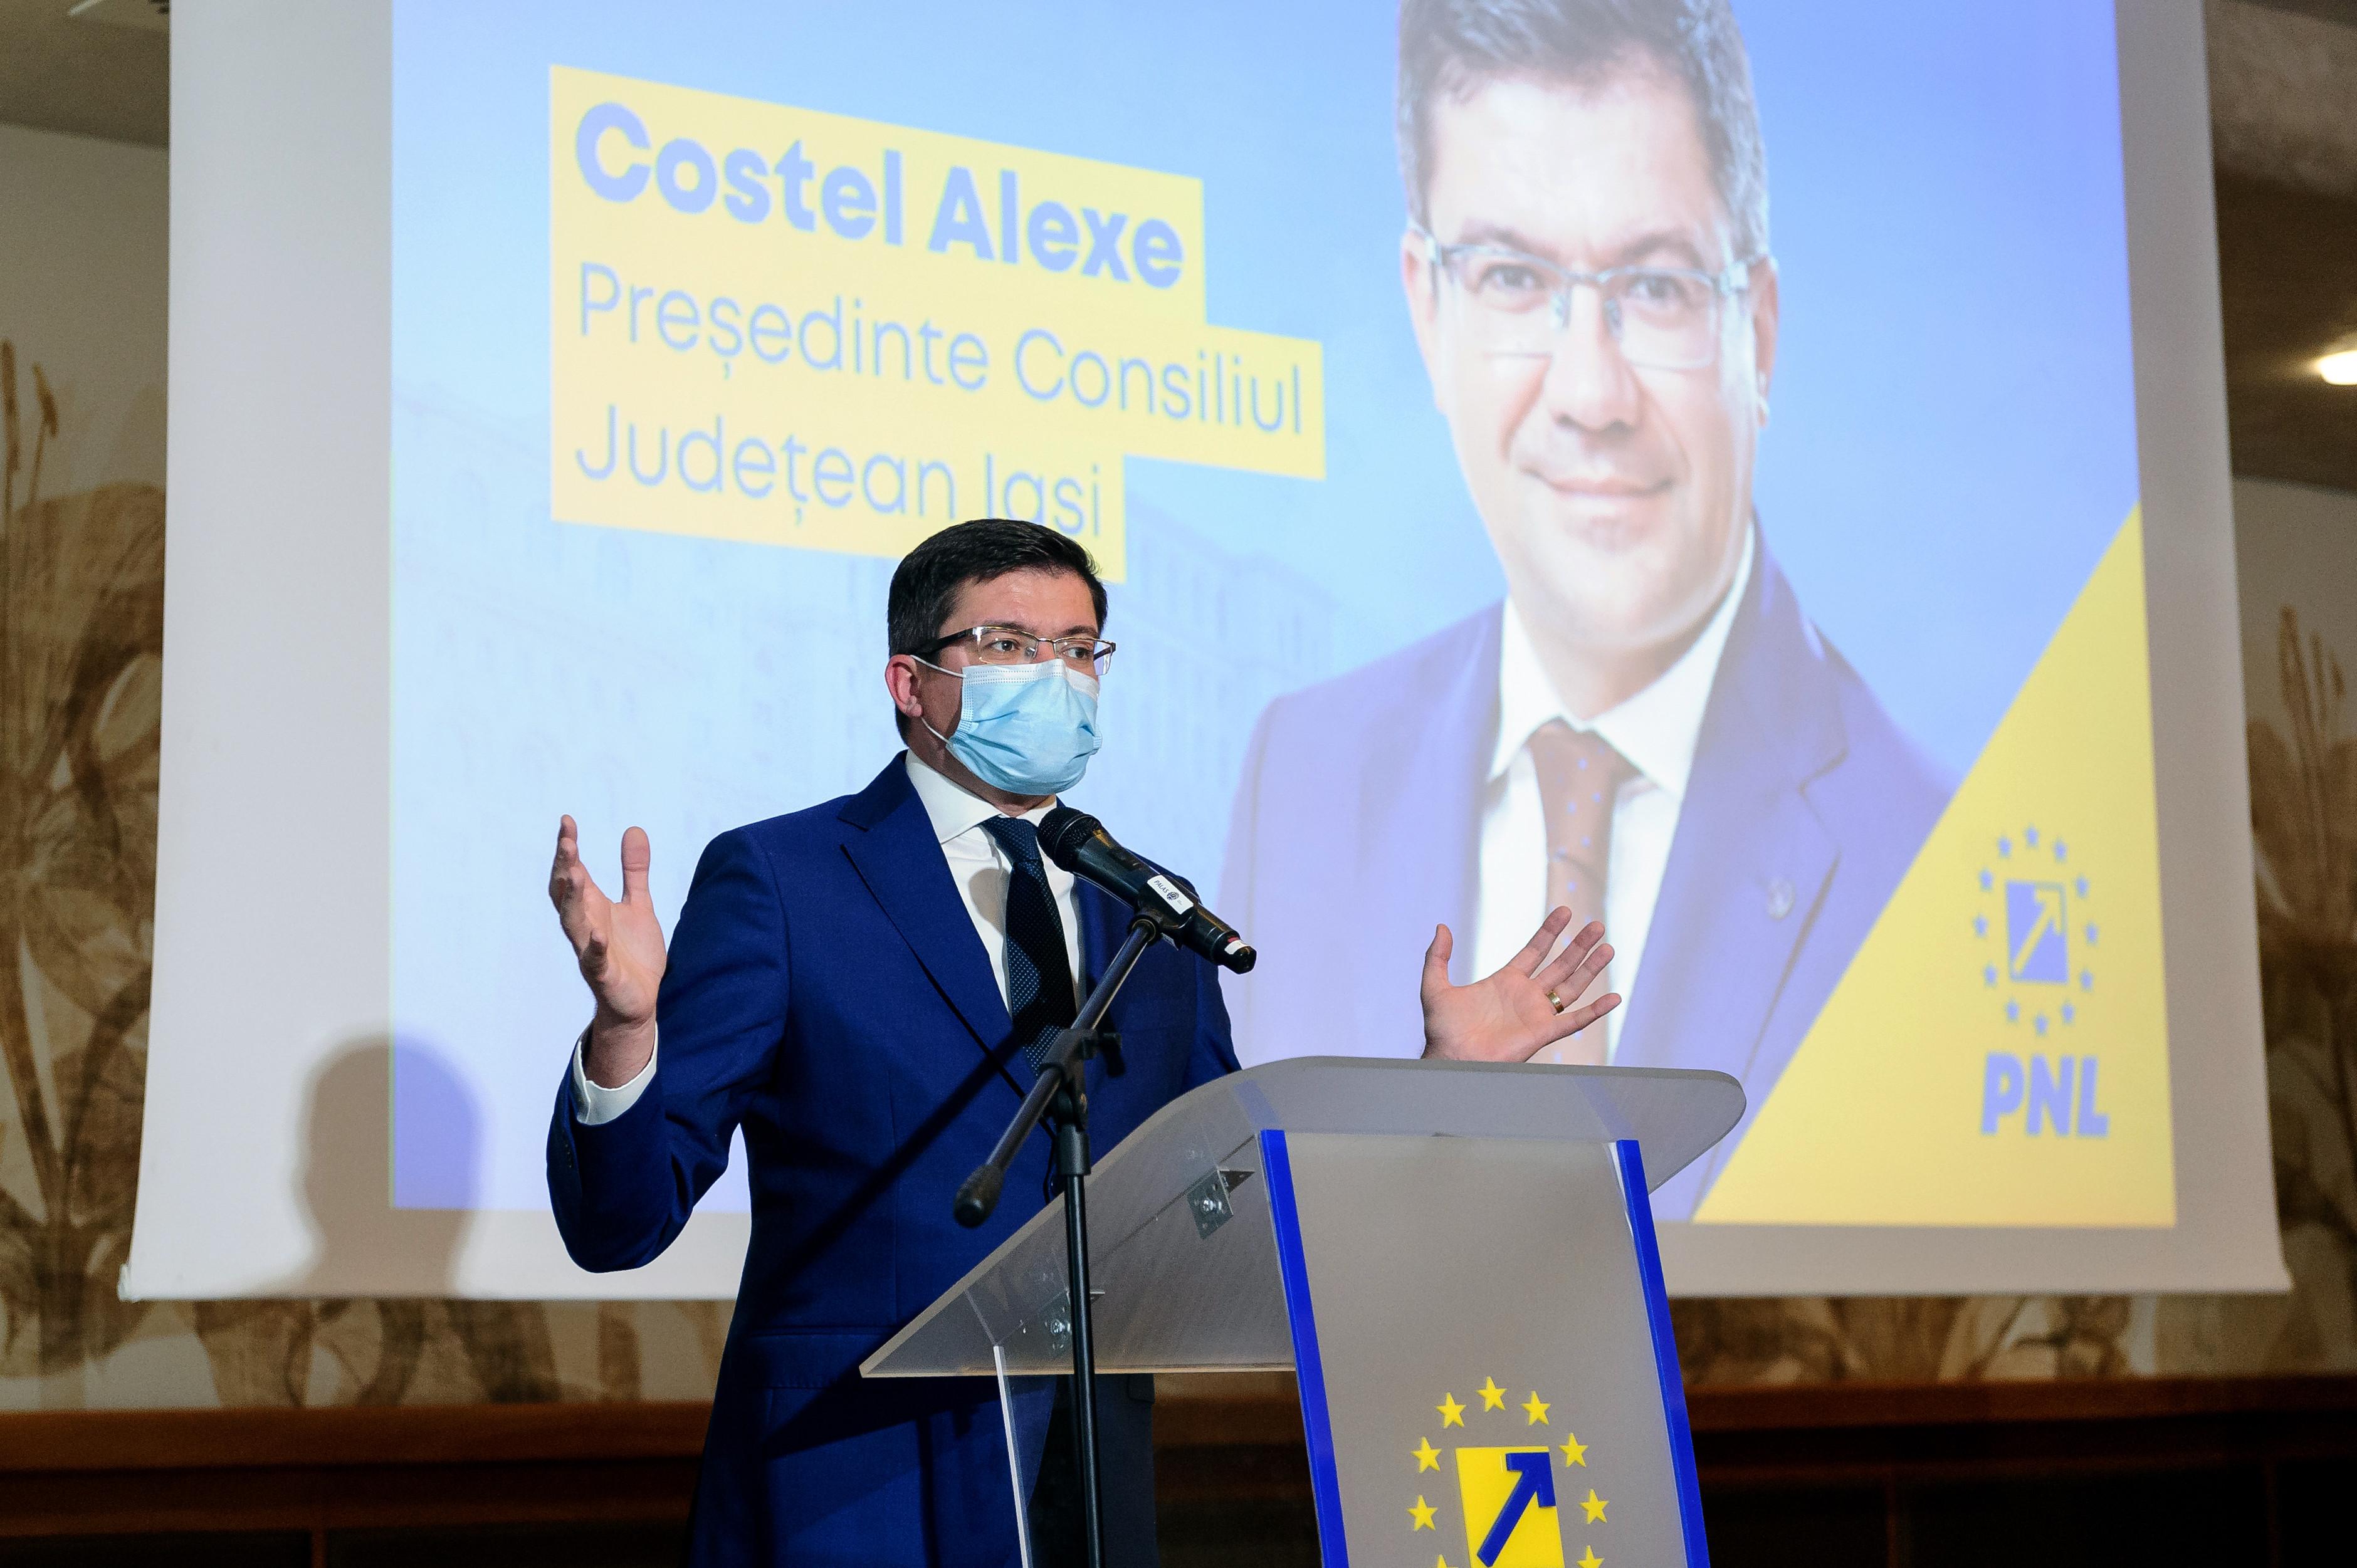 Iohannis a admis cererea DNA de începere a urmării penale a fostului ministru Costel Alexe